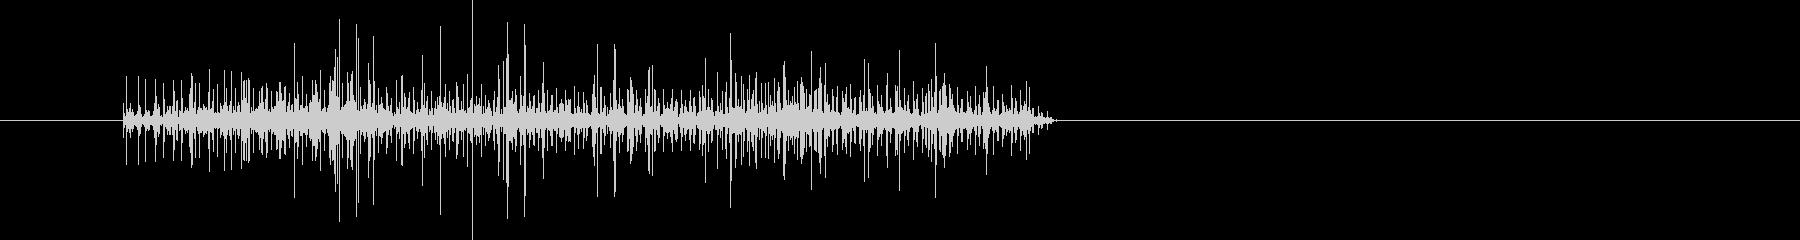 ビリリ!☆電流の流れる音 2の未再生の波形